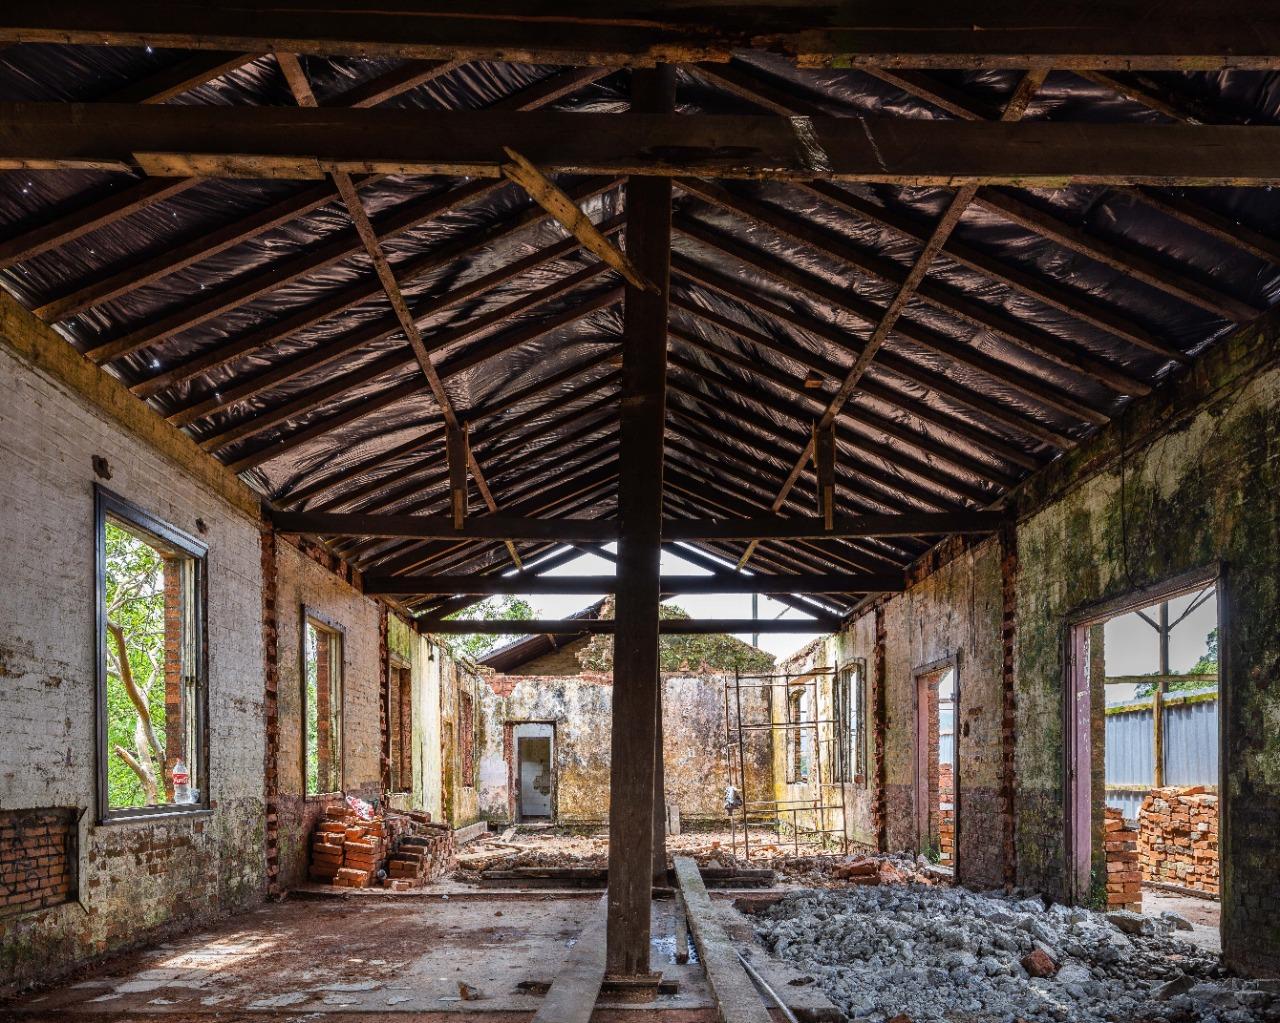 Parte interna da estação Campo Grande, em Paranapiacaba, que passa por restauro (Leo Giantomasi)